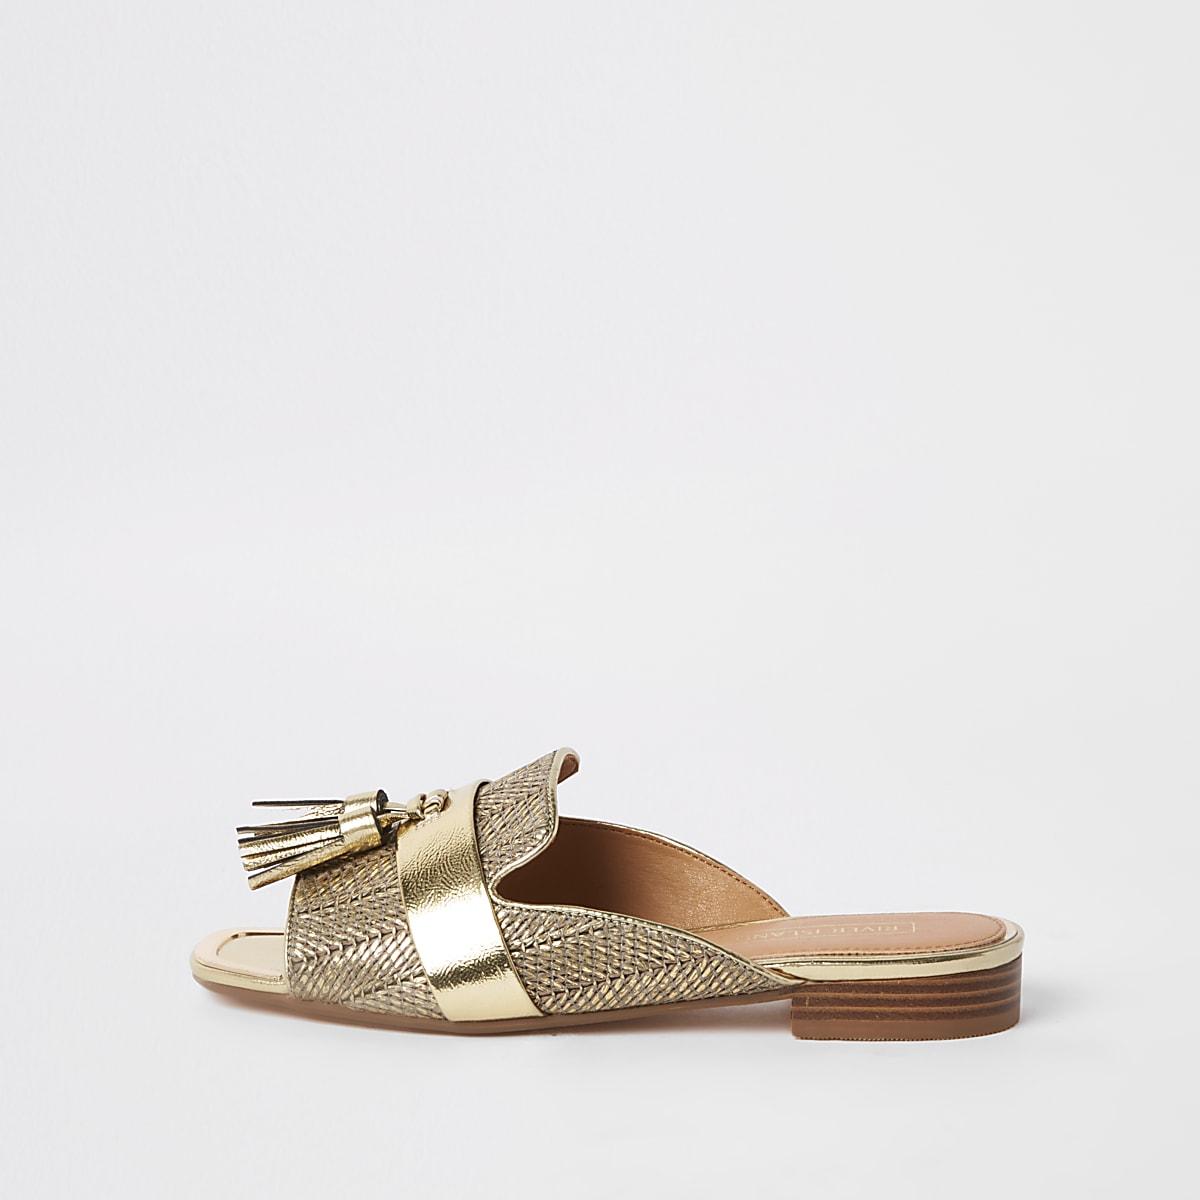 Gold tassel peep toe mule